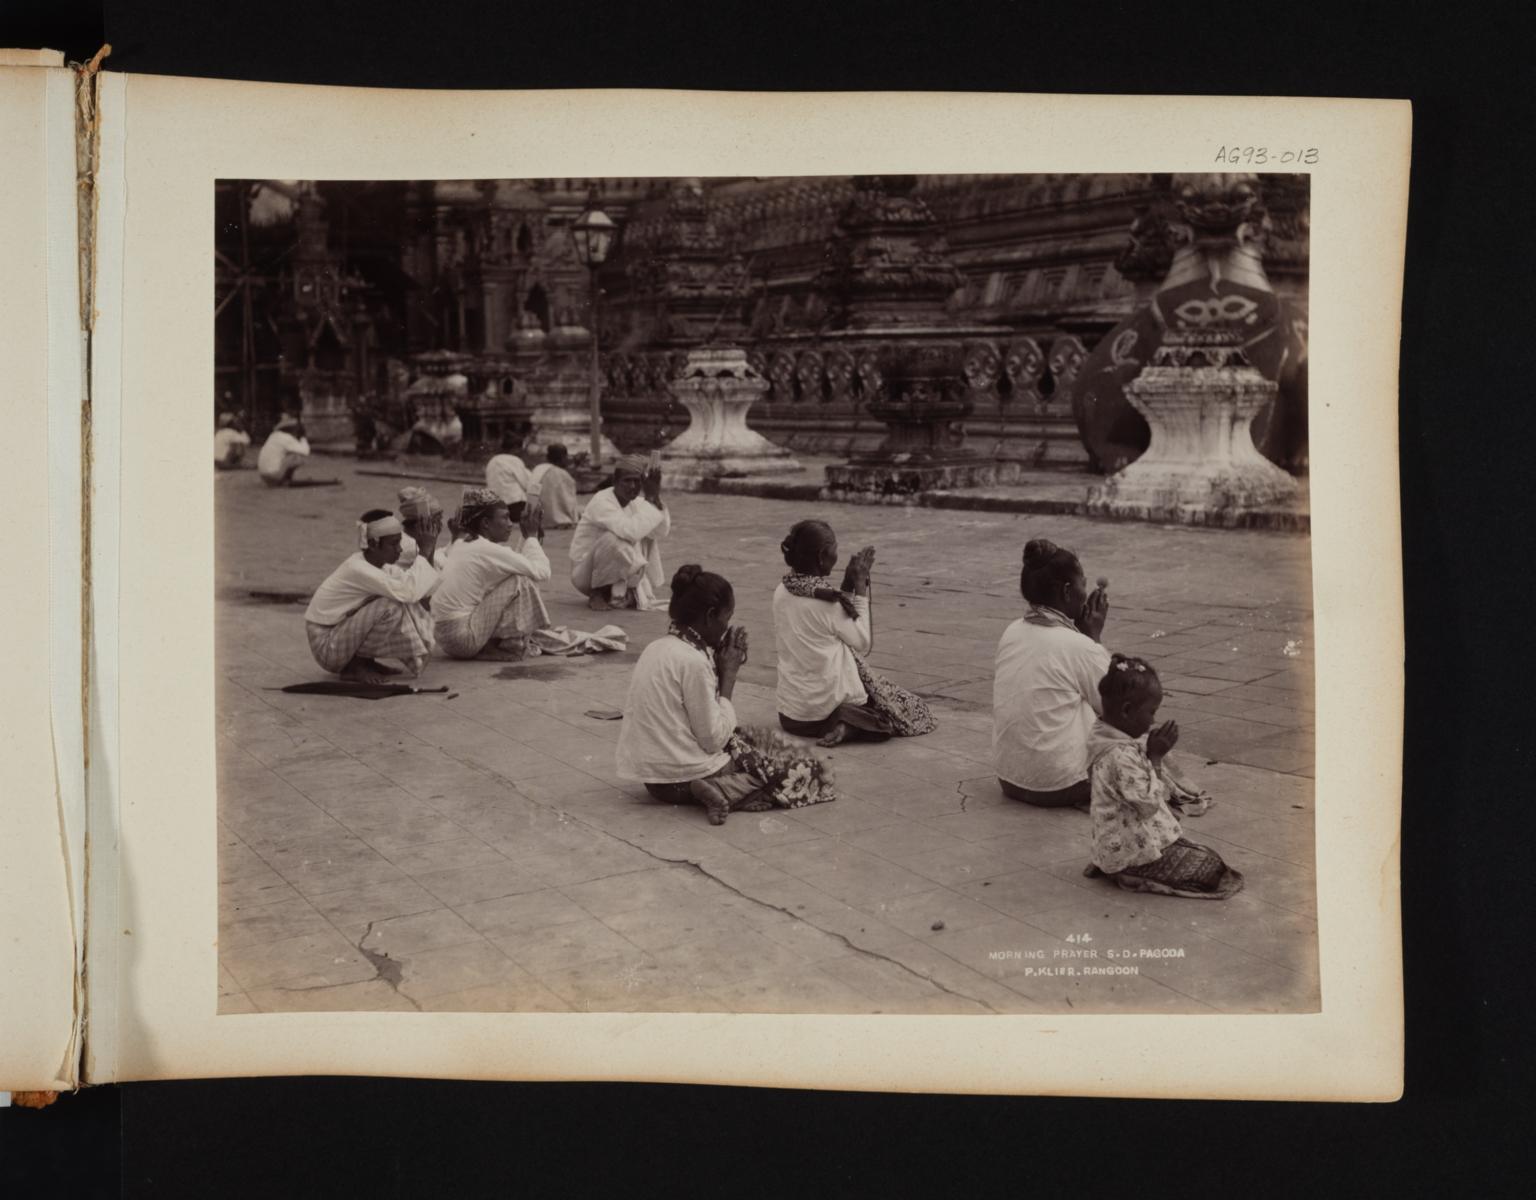 Morning prayer at the S. D. Pagoda.